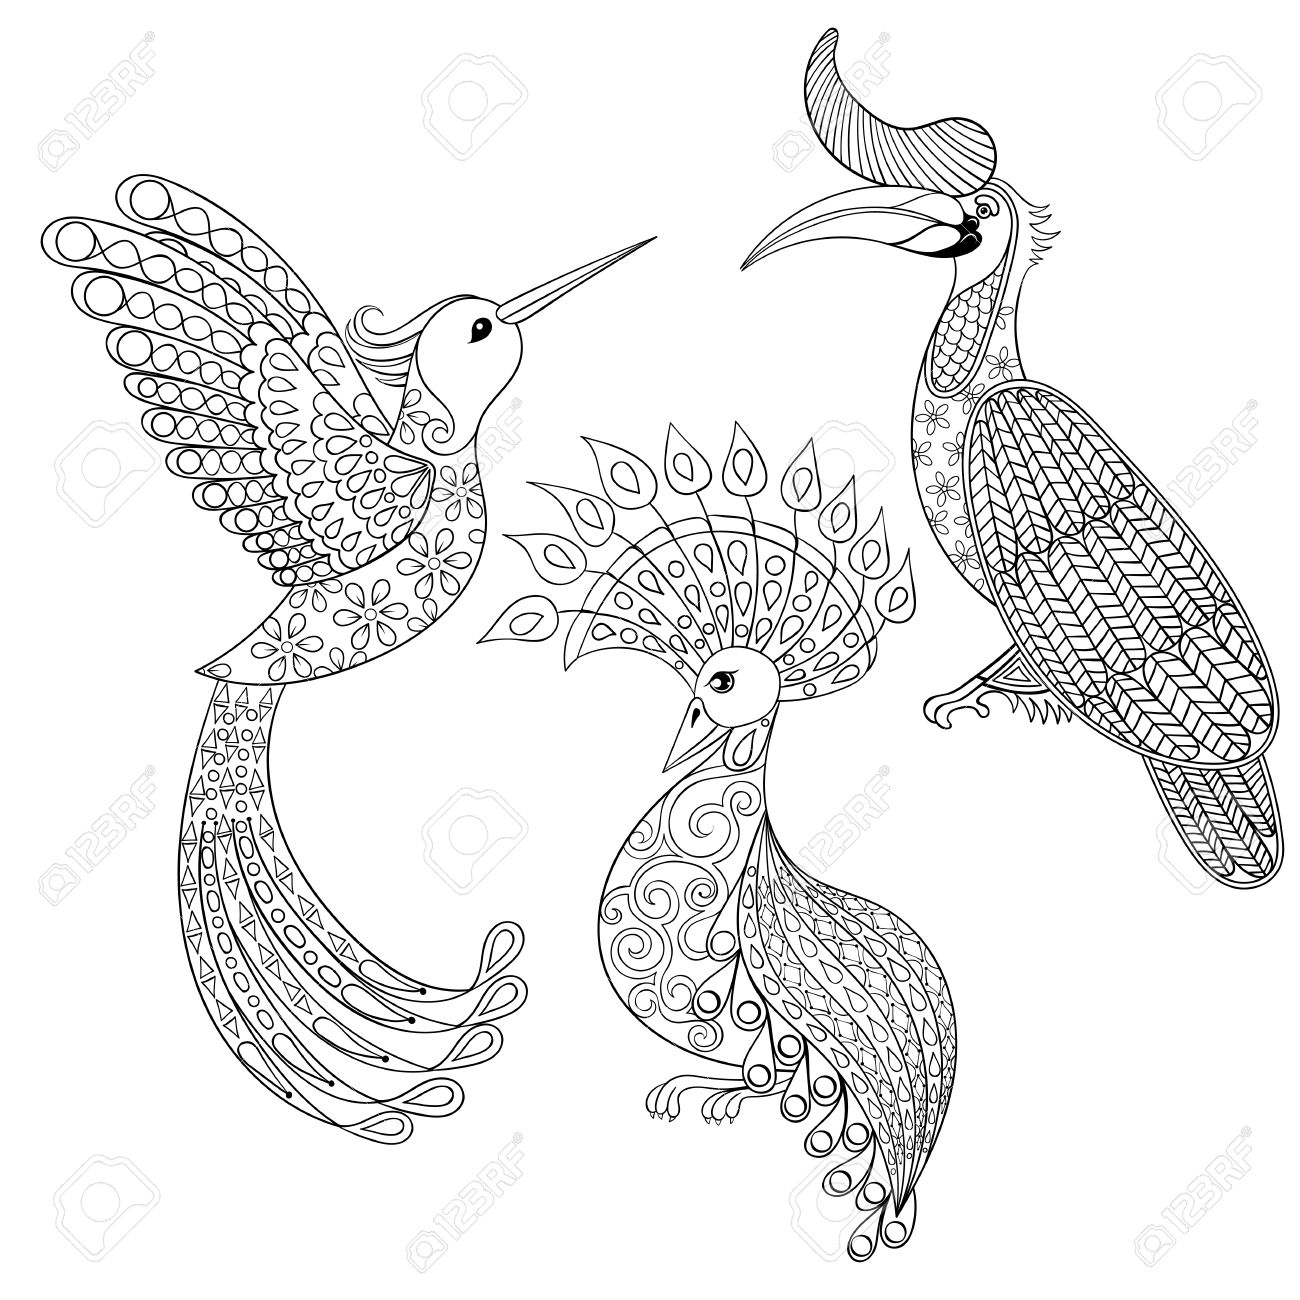 Coloriage Avec Des Oiseaux Rhinocéros Hummingbird Et Oiseaux Exotiques Illustartion Zentangle Pour Les Livres à Colorier Adultes Ou Des Tatouages